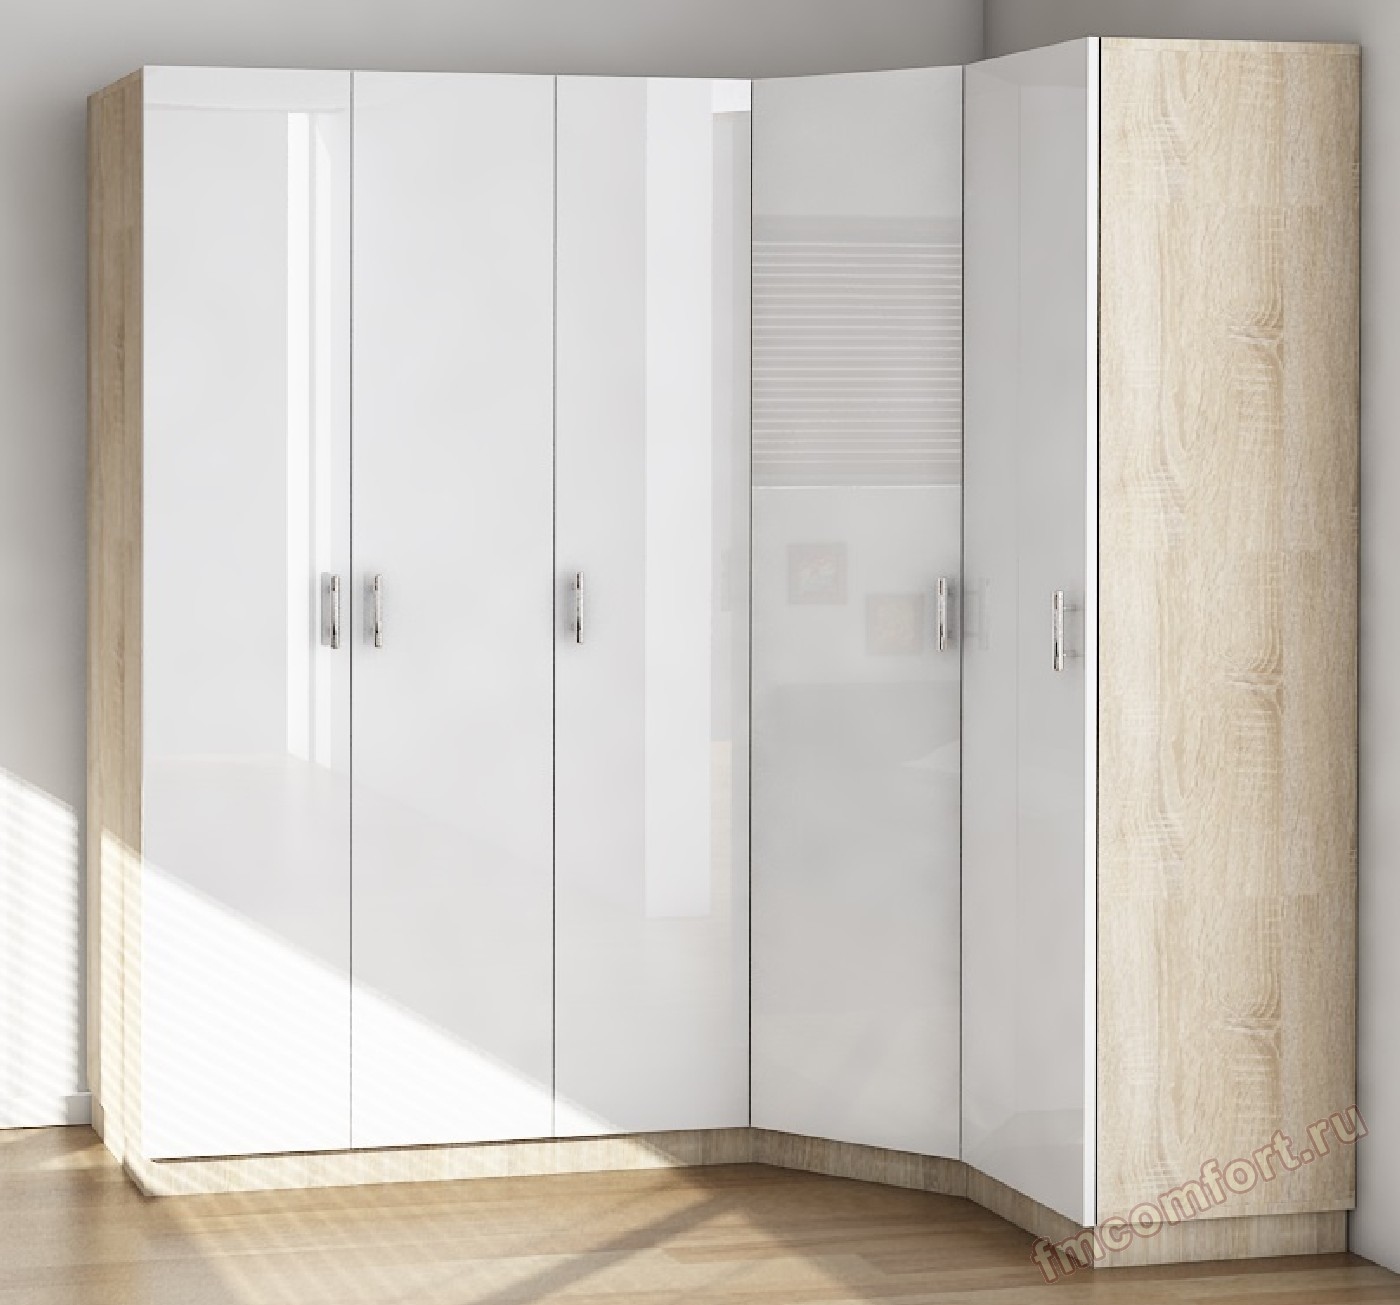 Шкаф меркурий люкс 2 - купить дешево от производителя! катал.